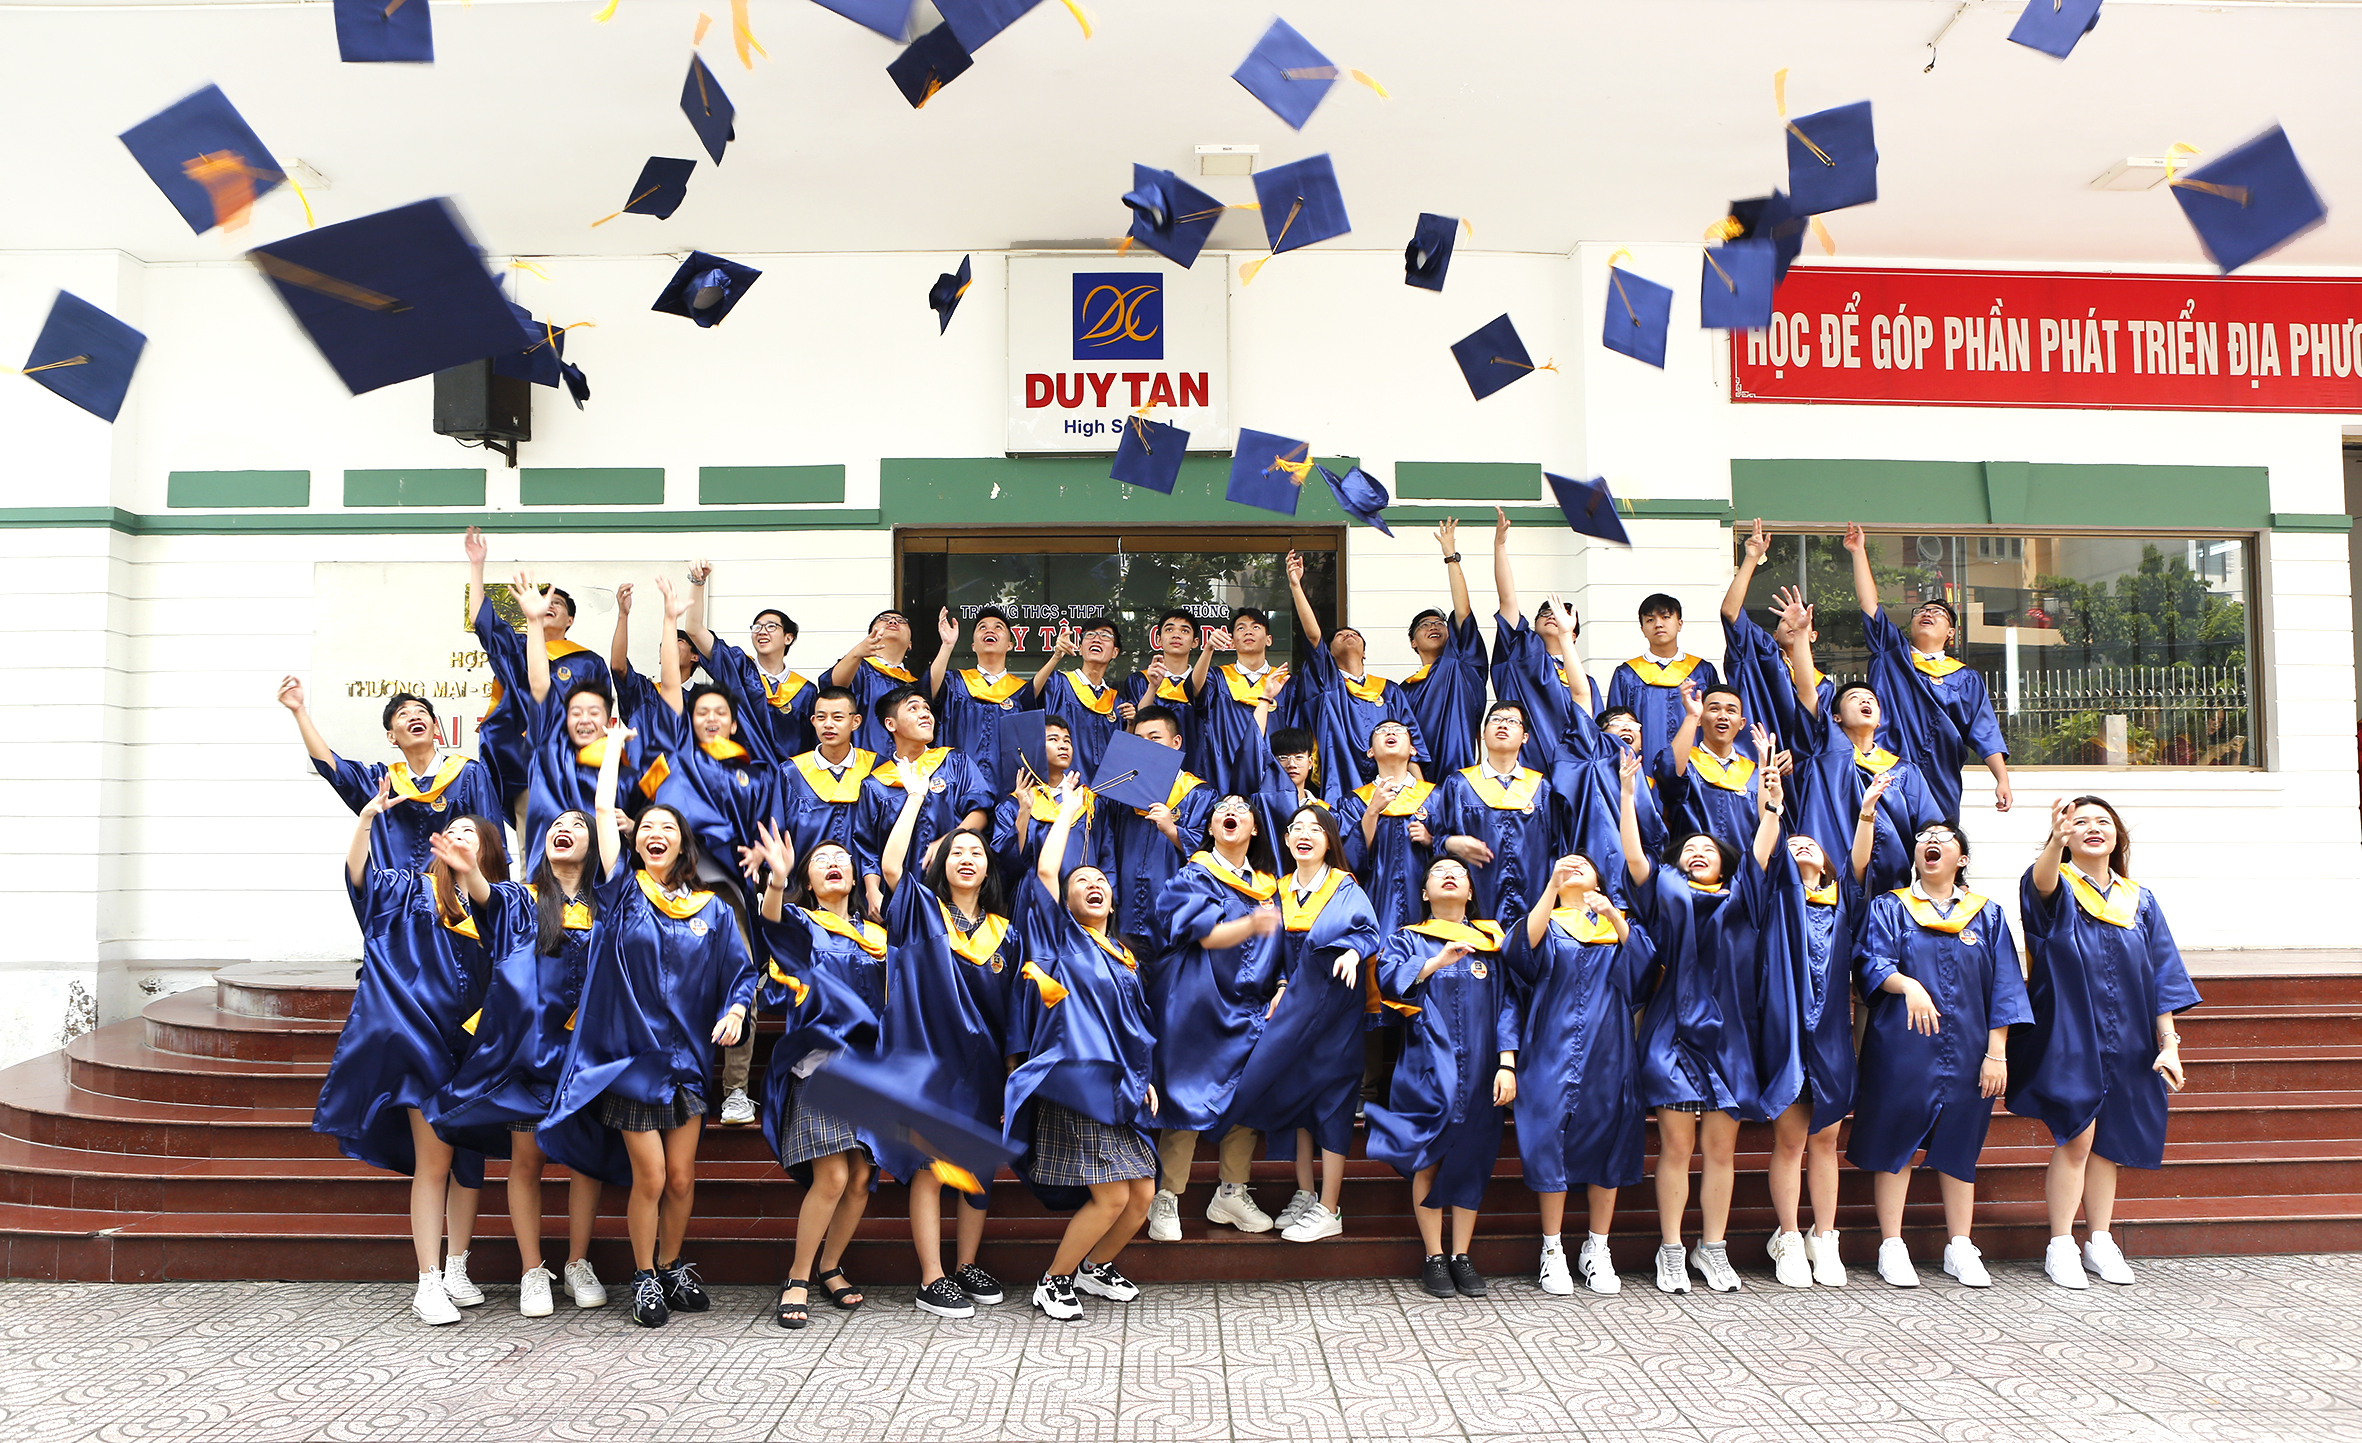 Trường THCS, THPT DUY TÂN tổng kết năm học 2019-2020